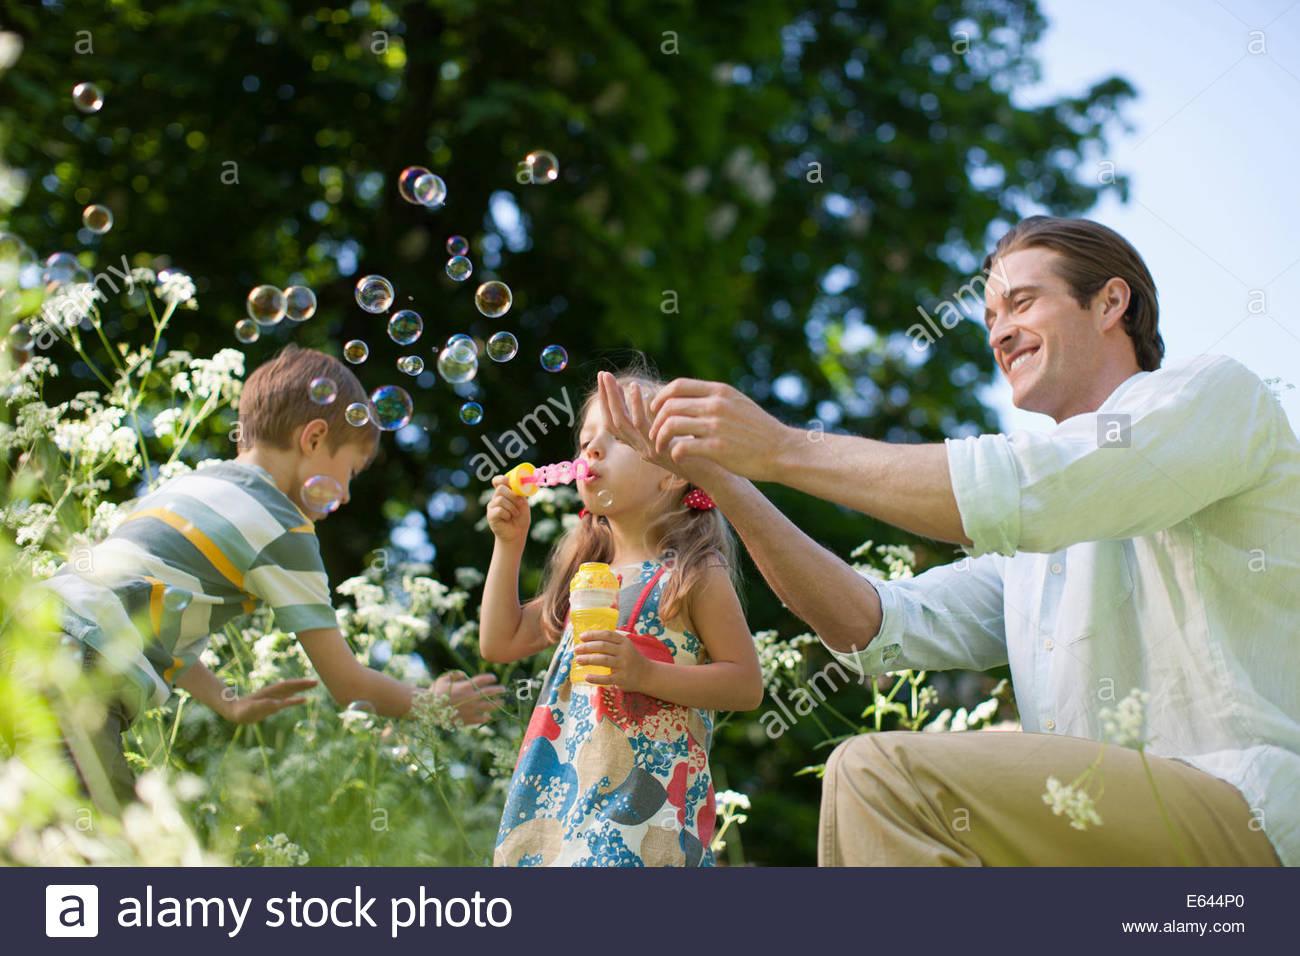 Familia jugando con burbujas en el exterior Imagen De Stock